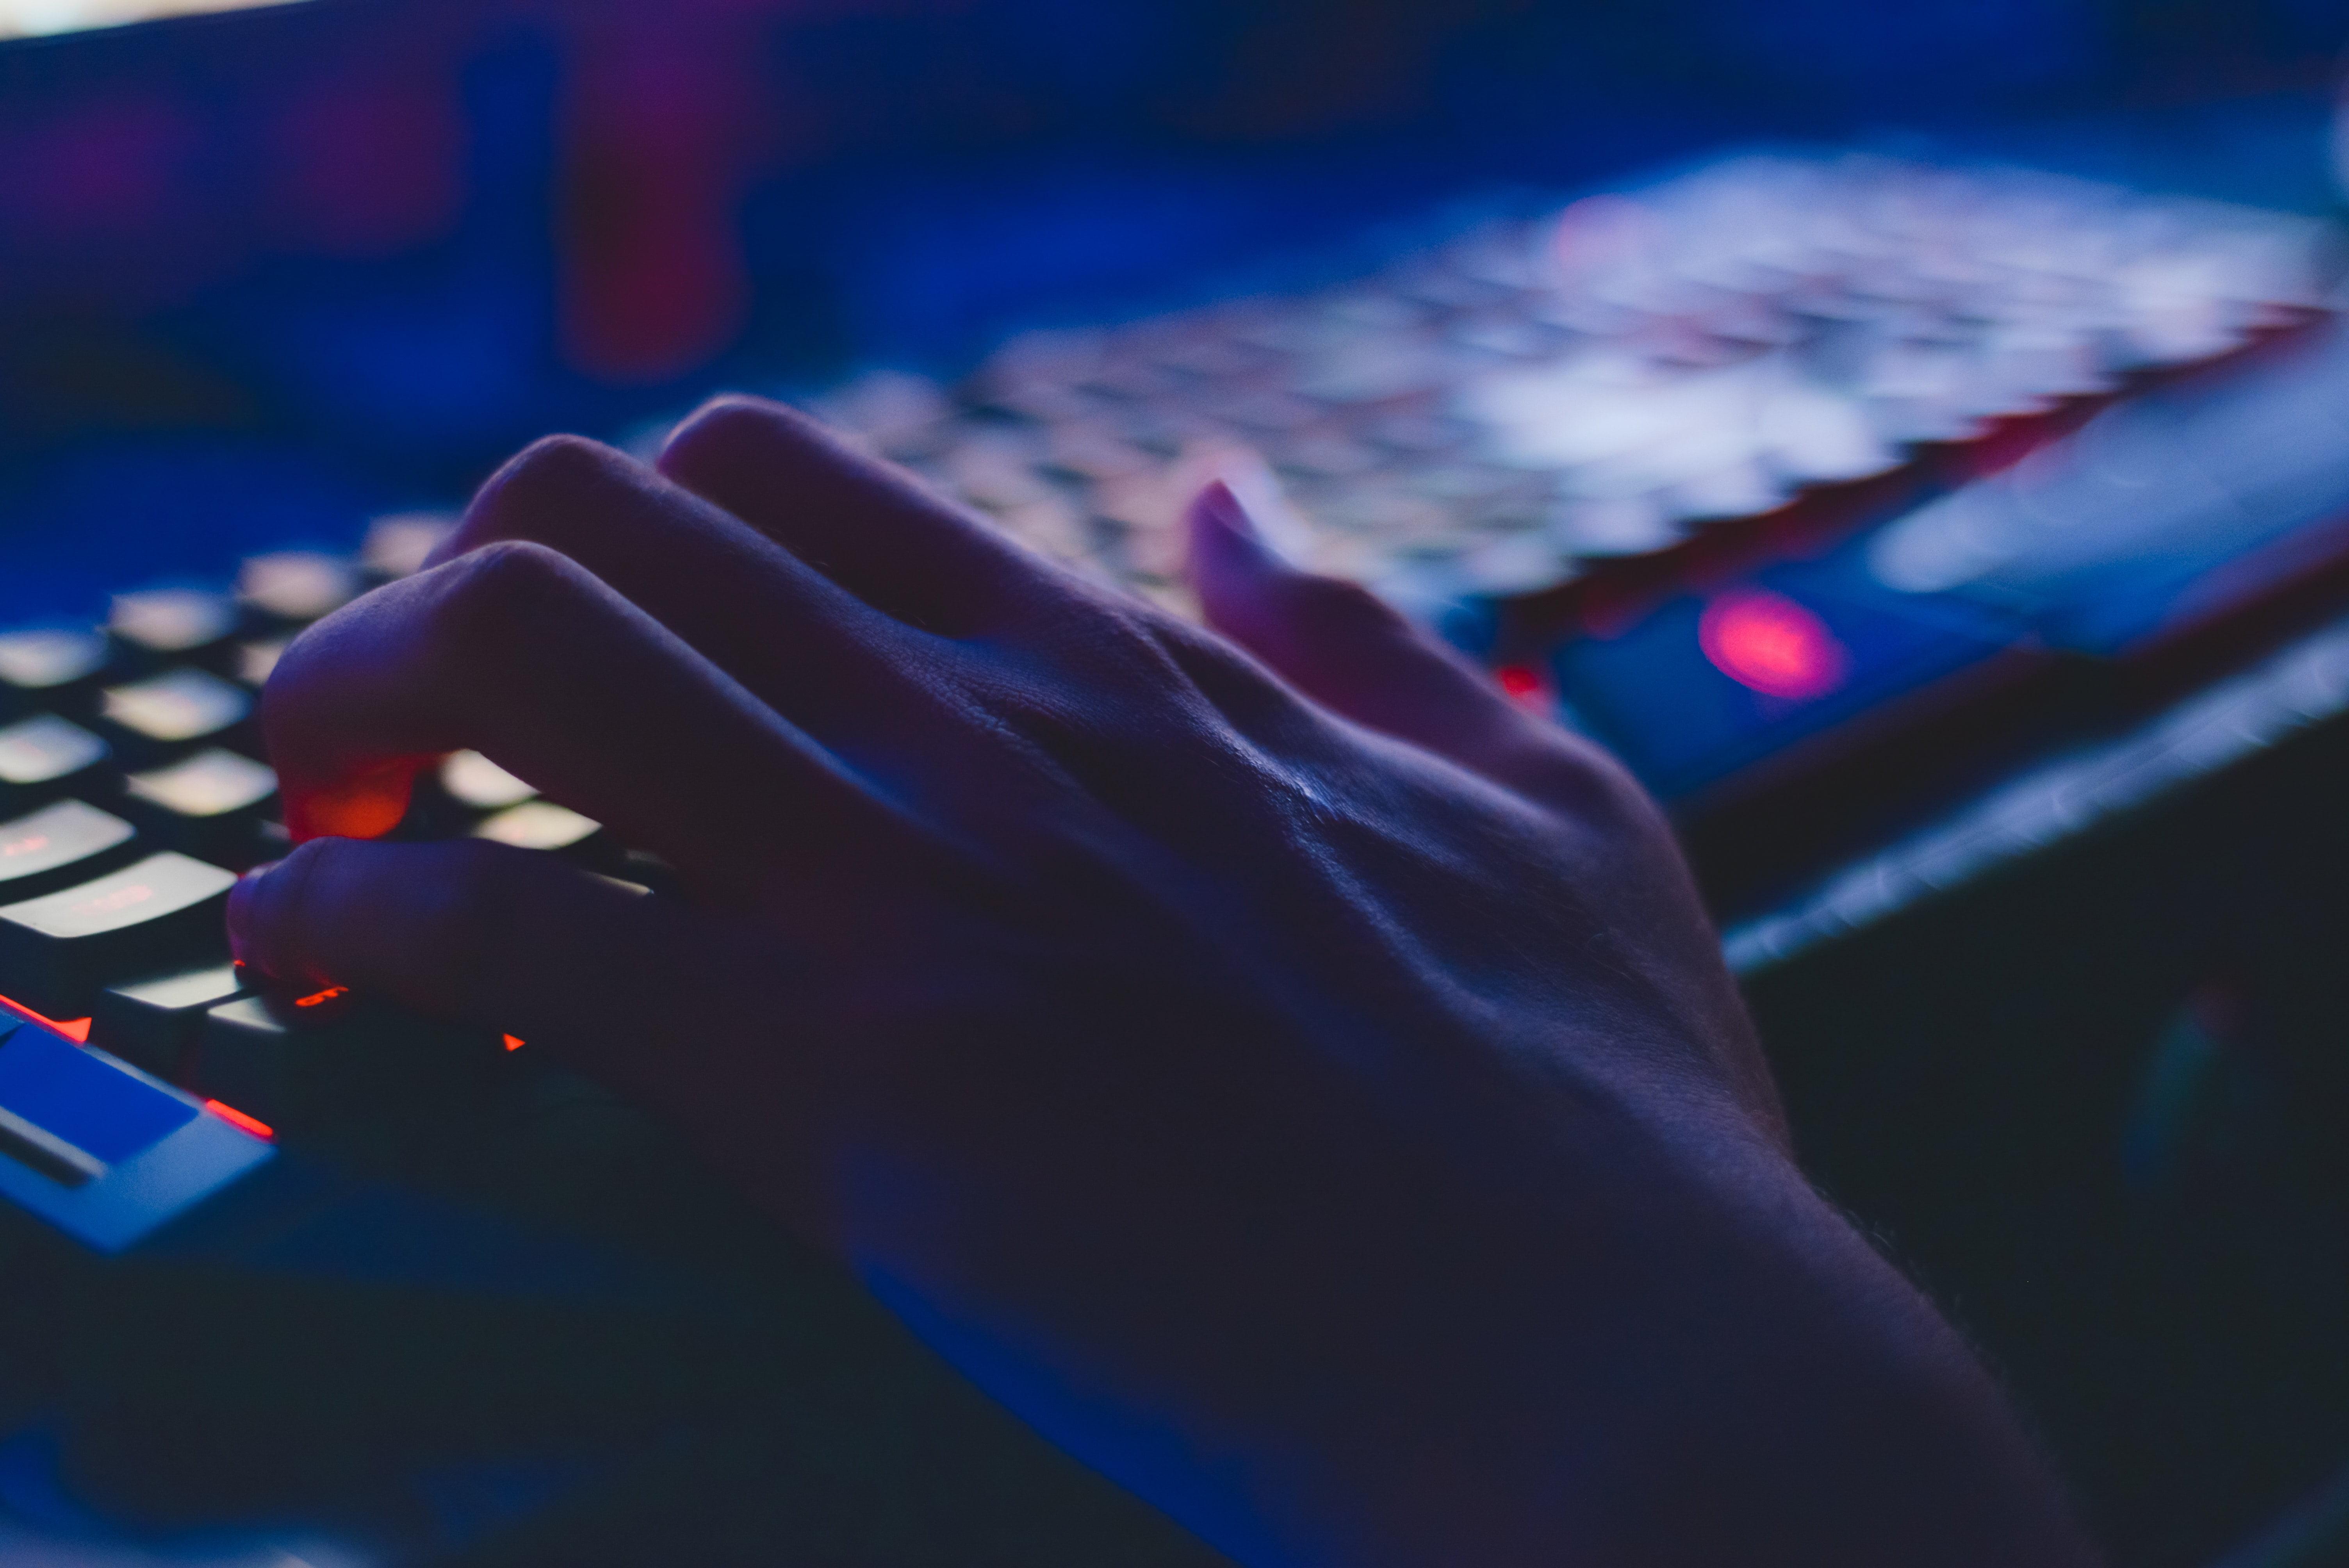 mıt, bilgisayar şifresi kıran ilk hacker, allan scherr